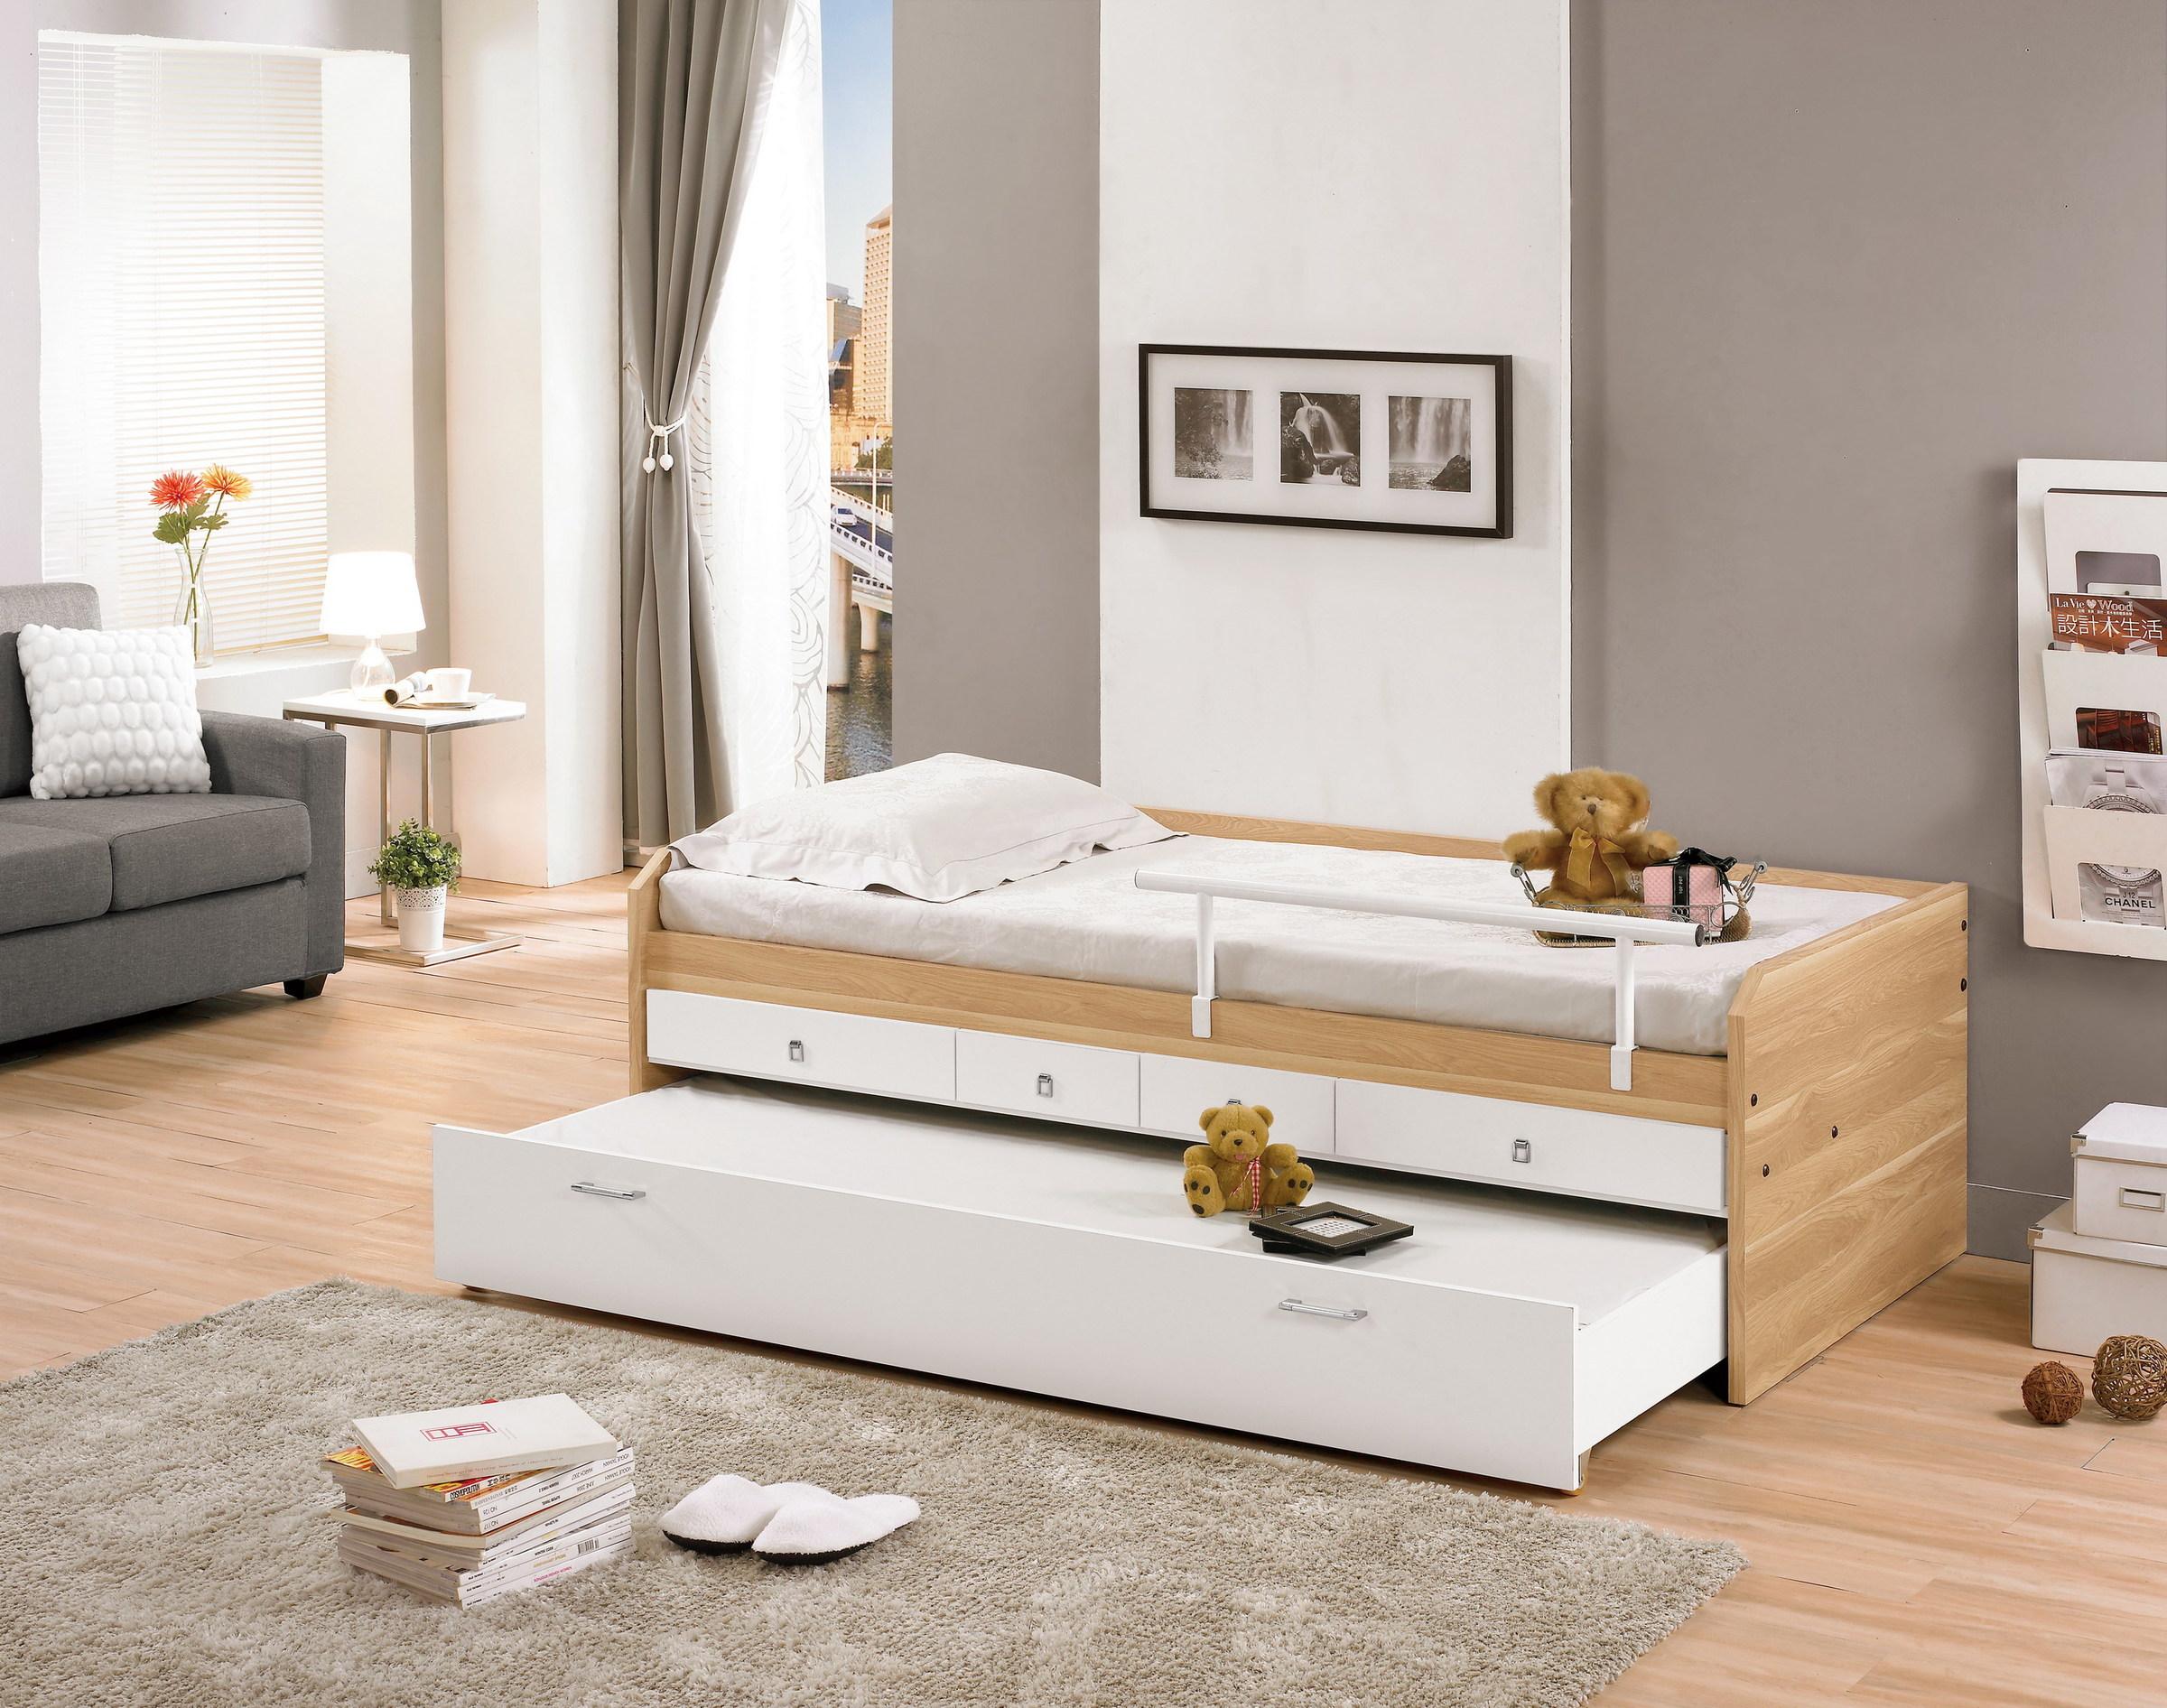 165-2 羅德尼3.3尺子母床.jpg